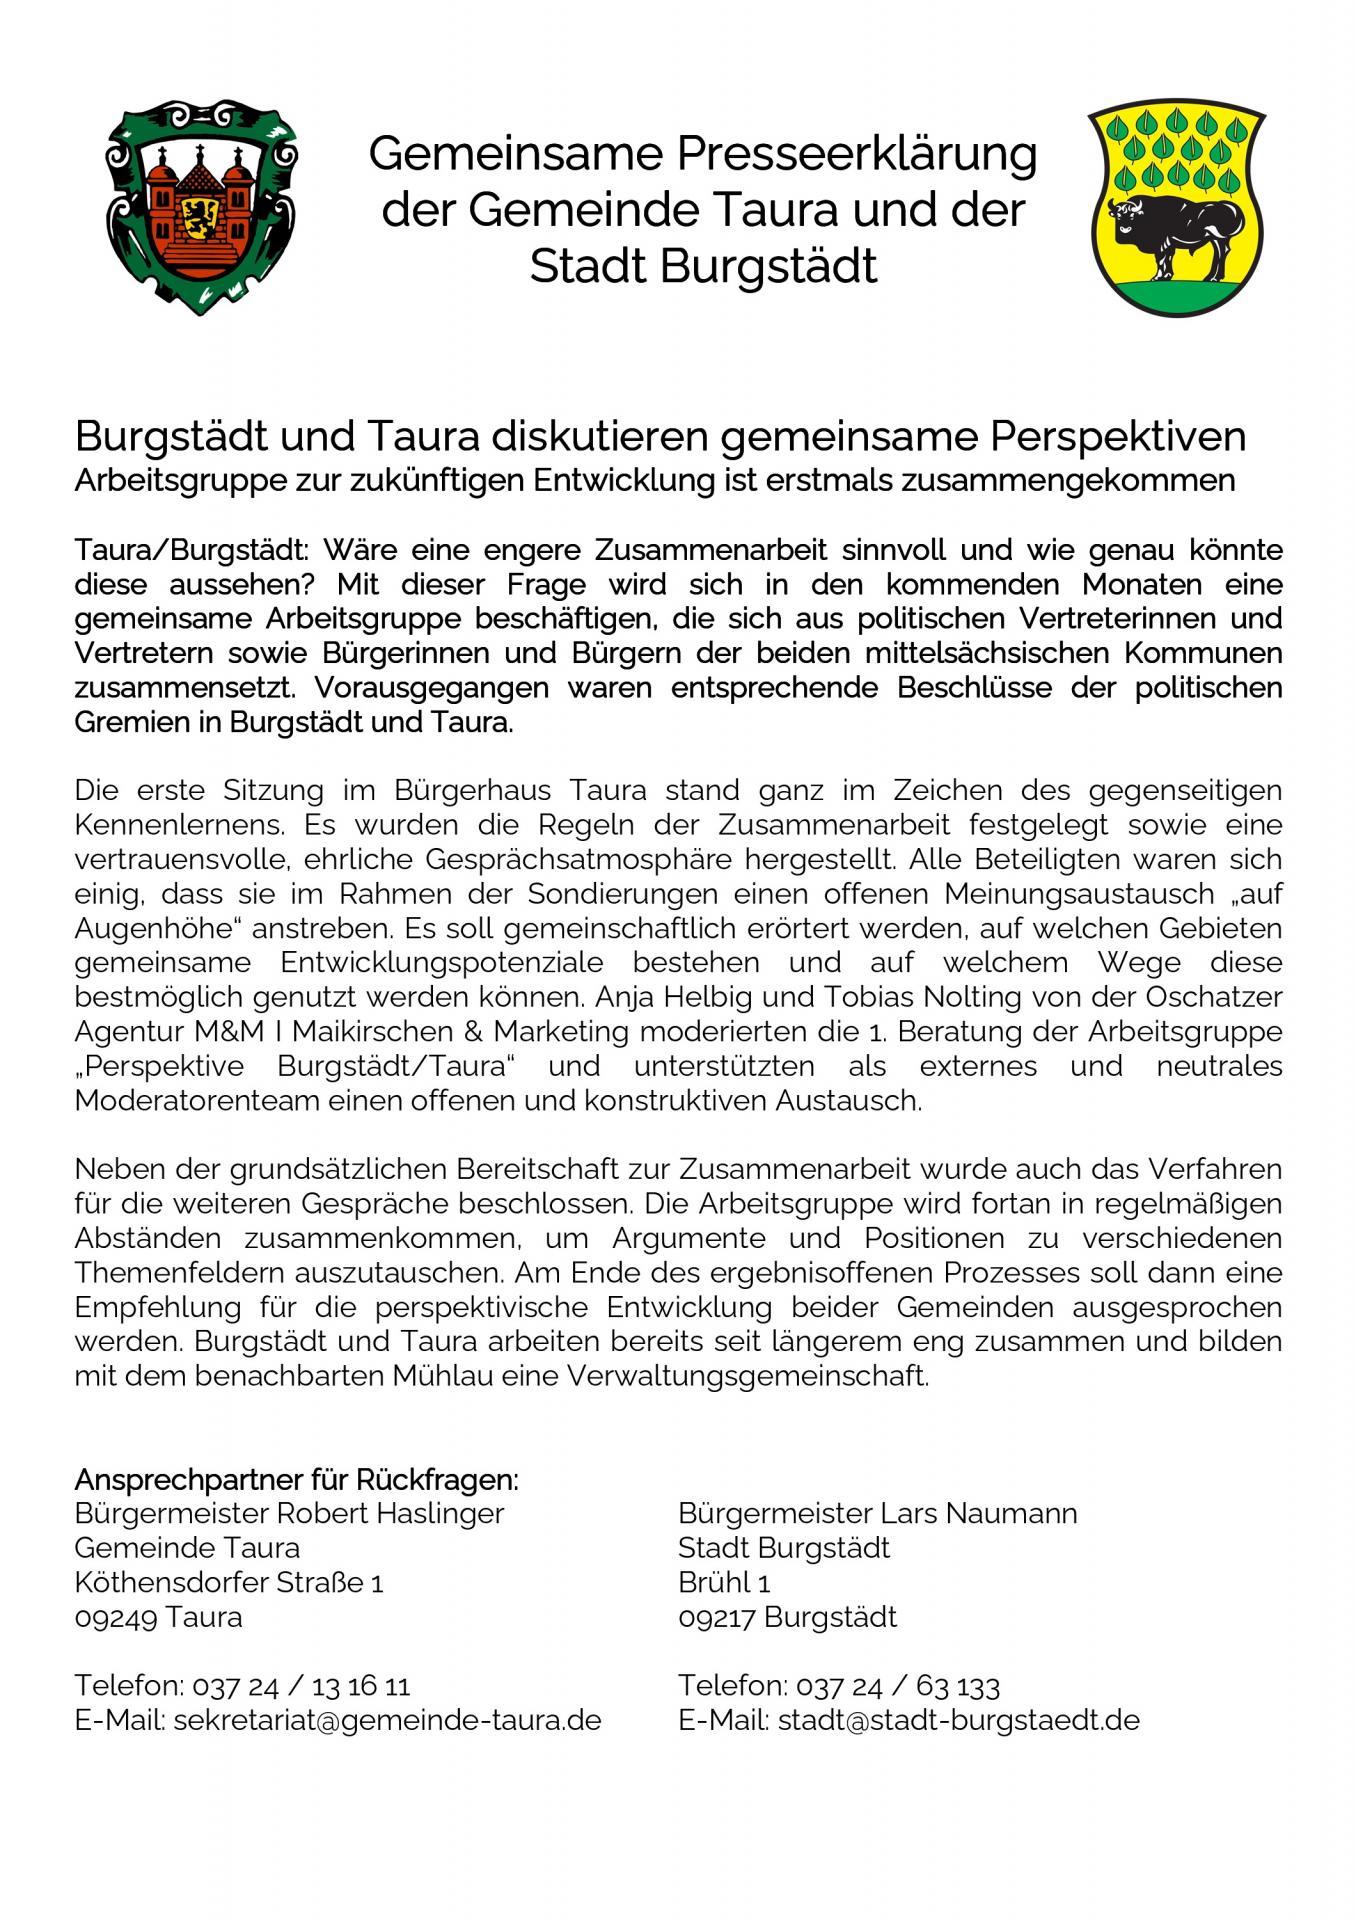 Presseerklärung_Bgst_Tau_1